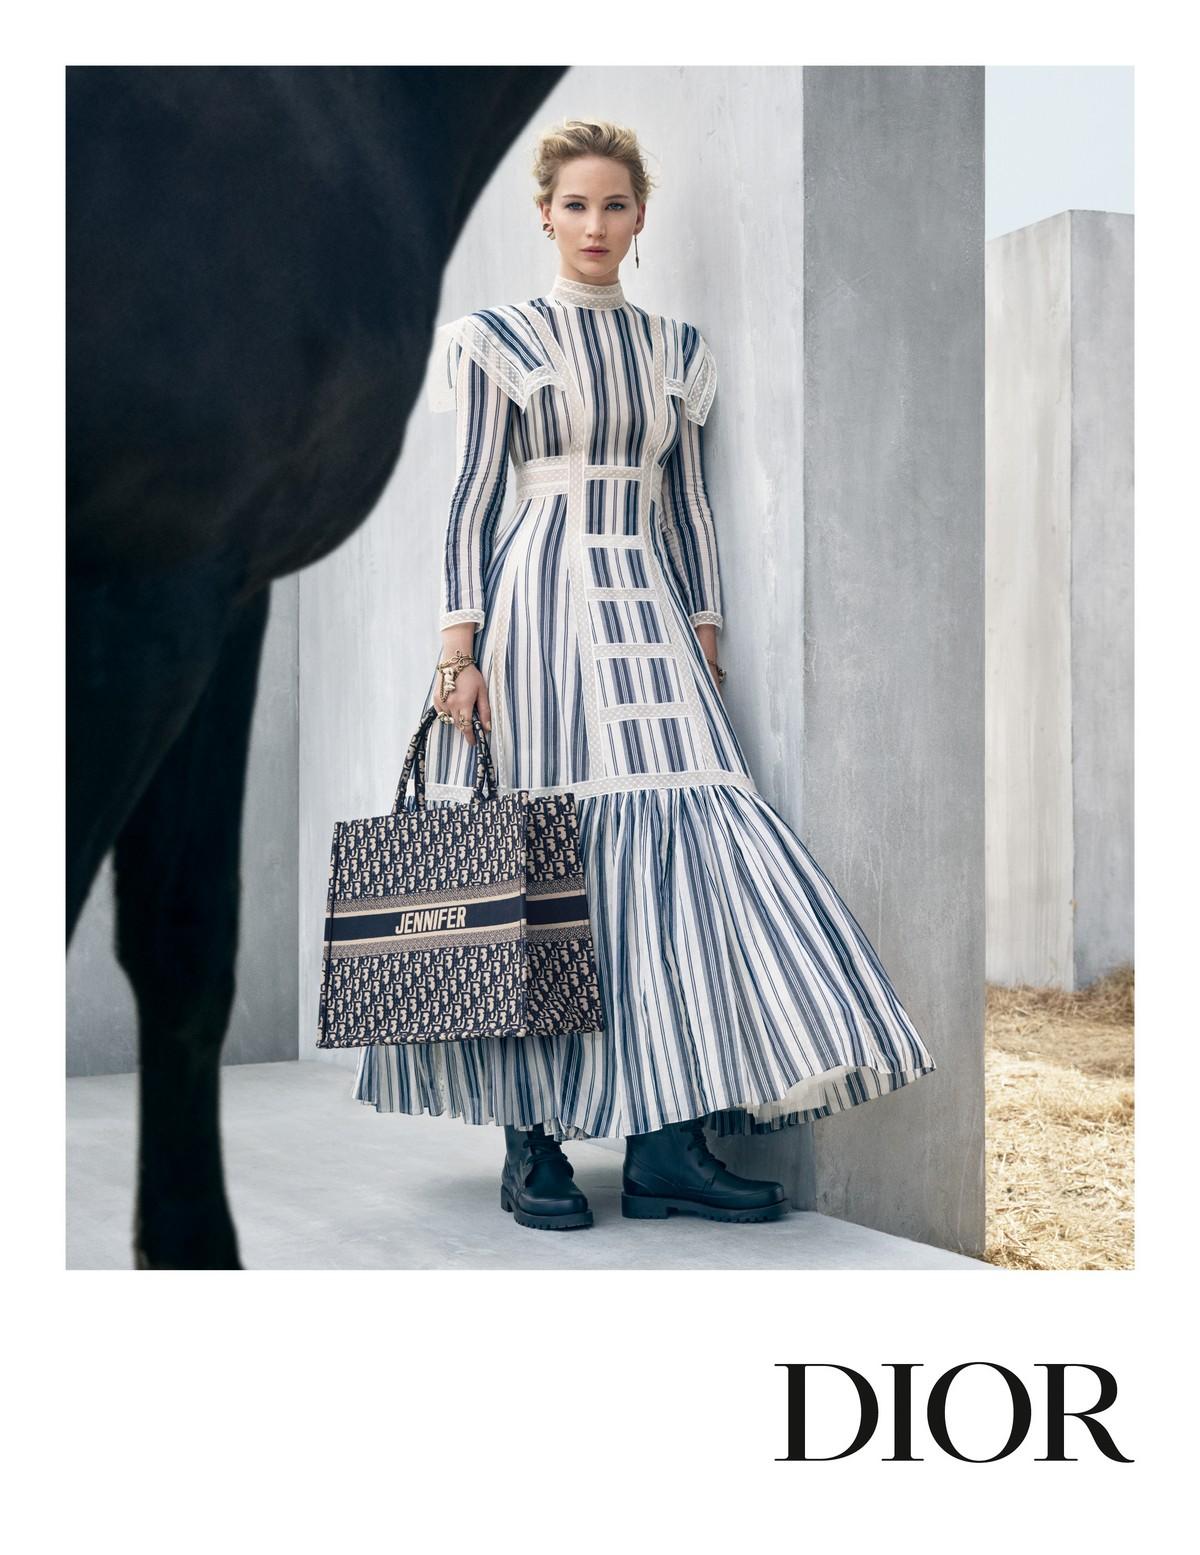 Dior Jennifer Lawrence campagna Cruise 2019